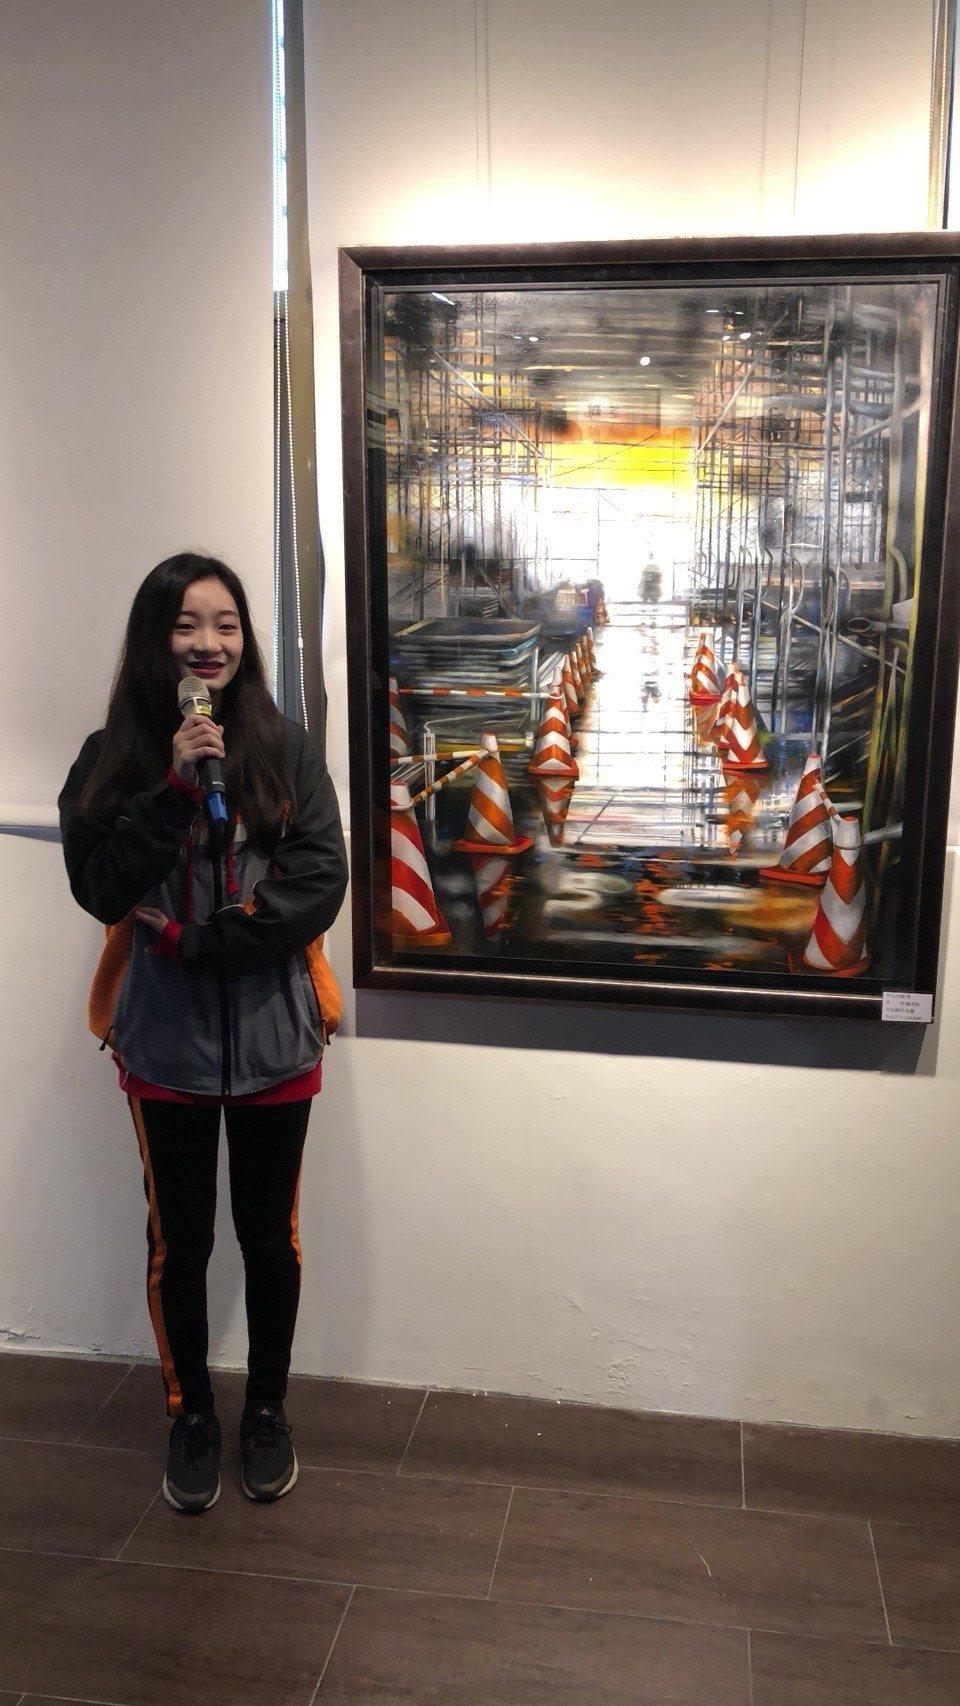 新北市立瑞芳高工製圖科才女鍾侑佑舉行個人美展。圖/瑞工提供